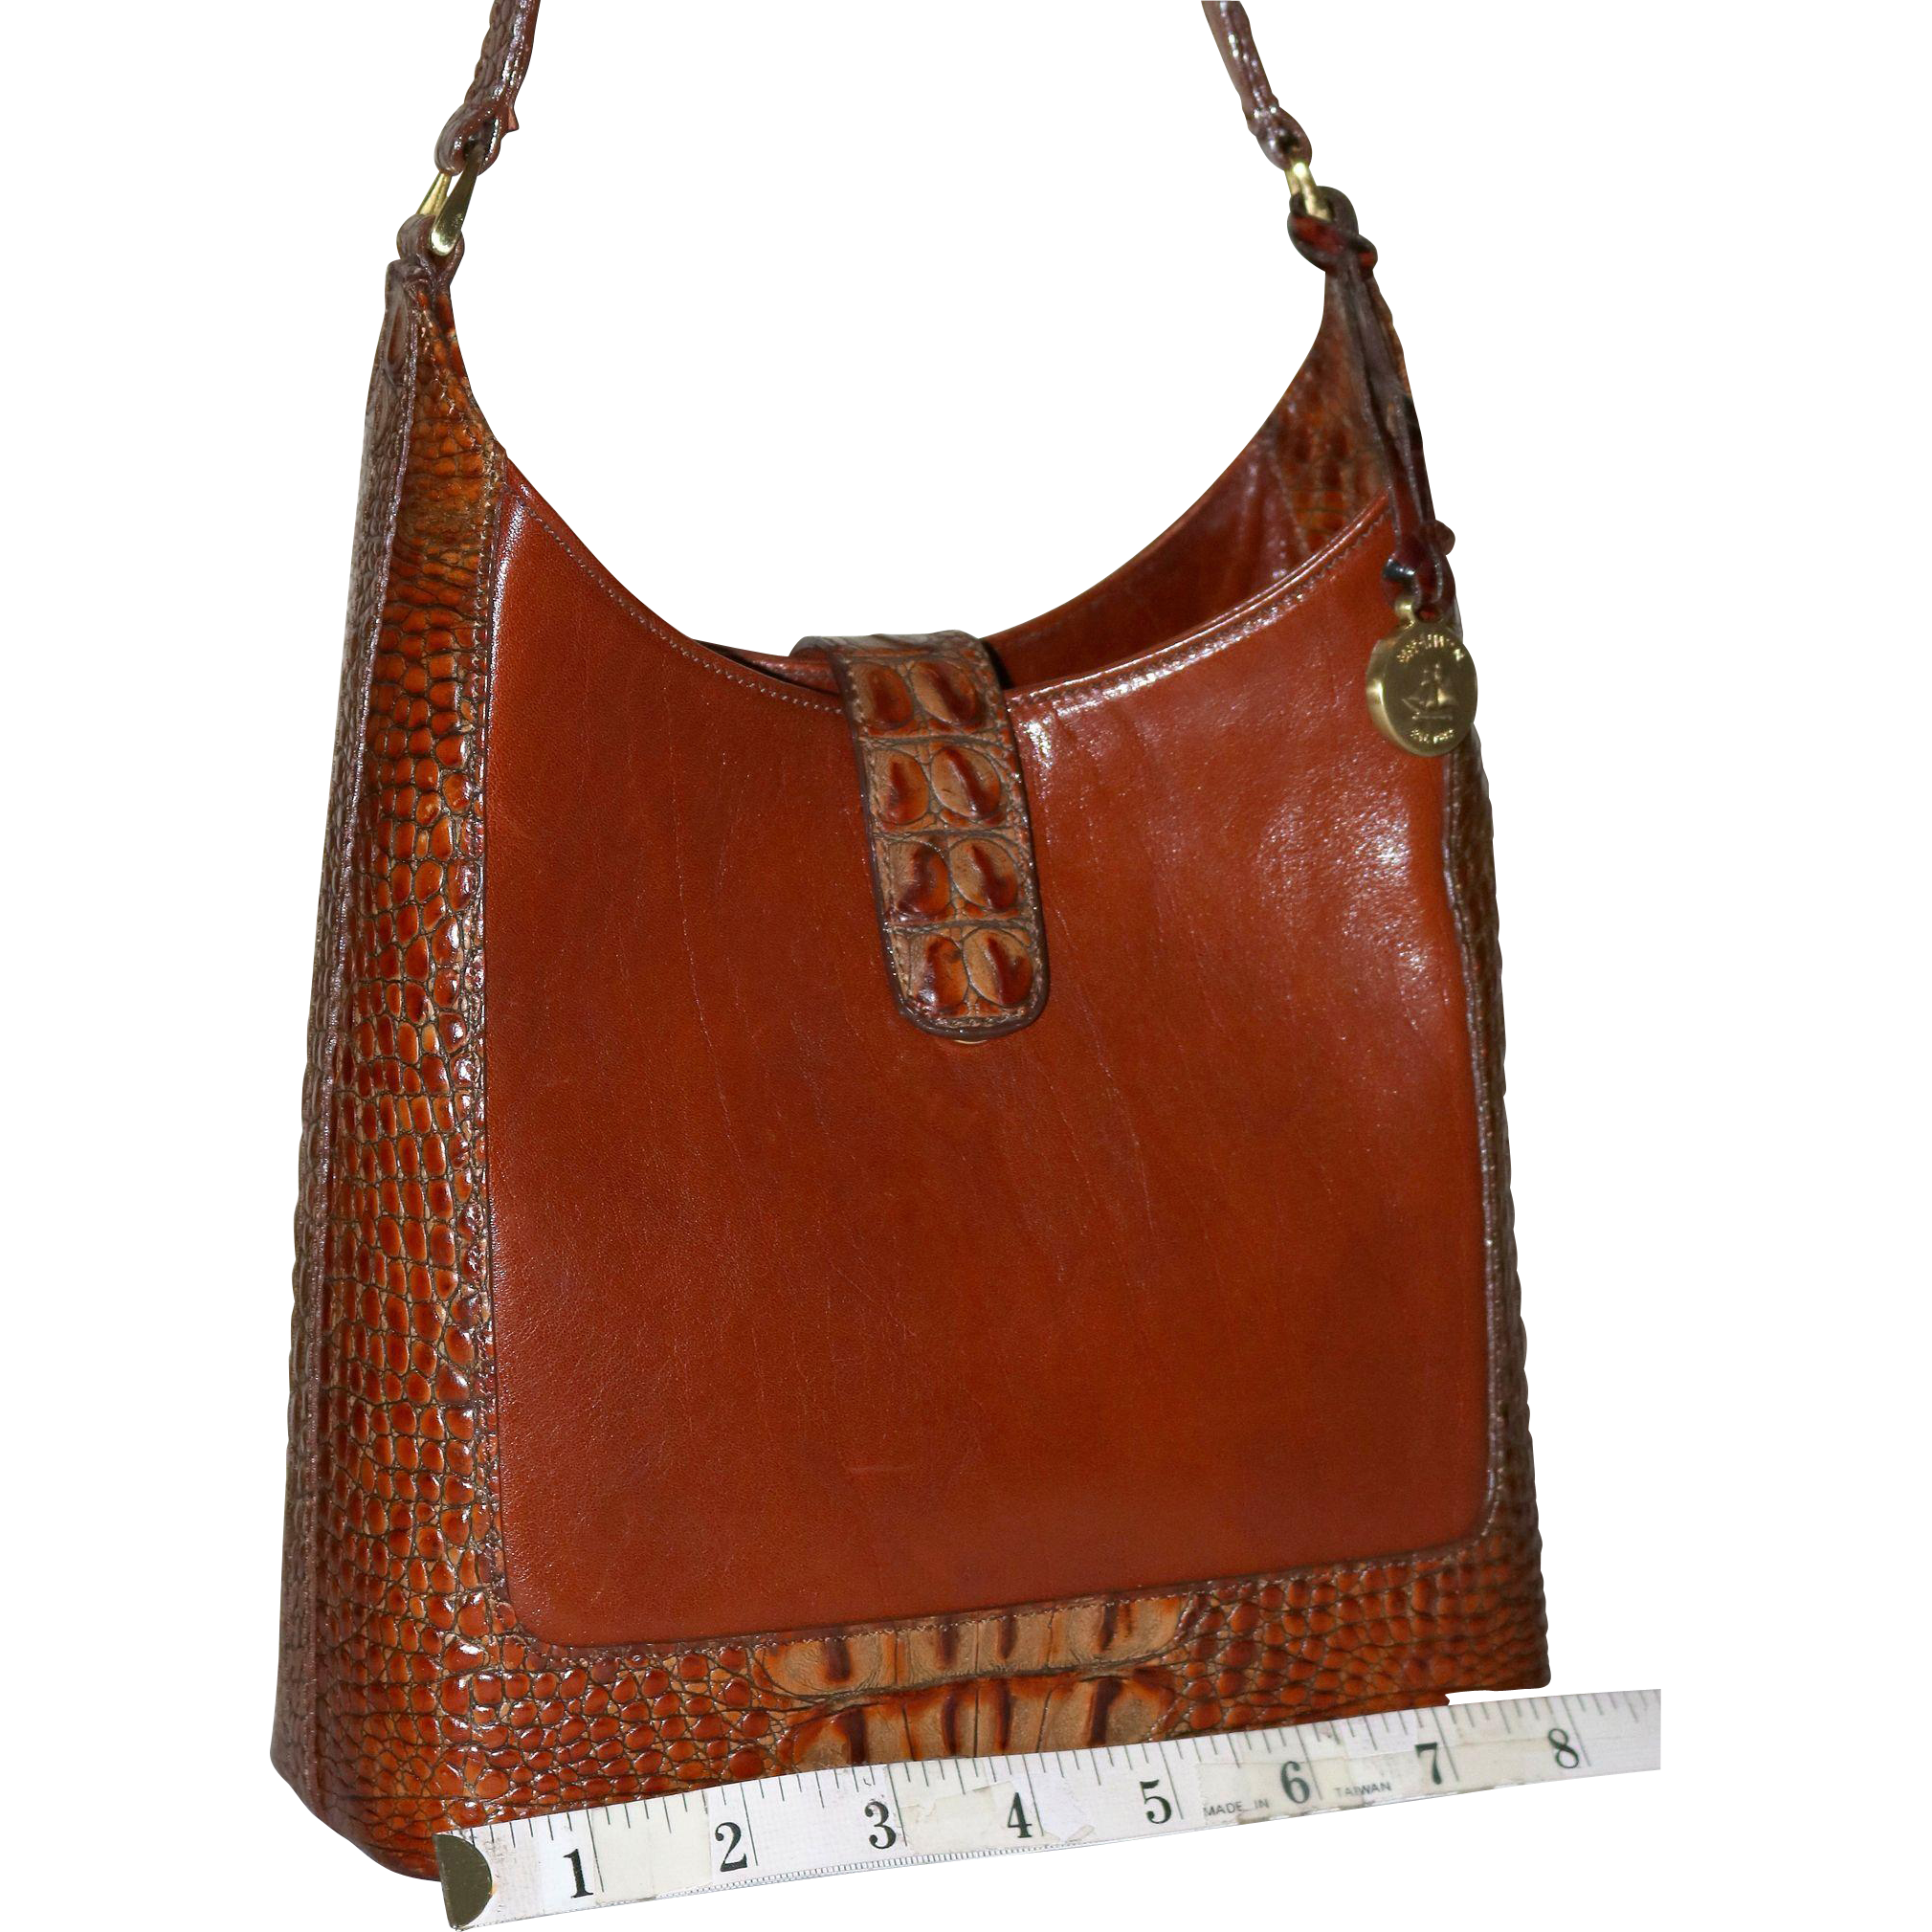 Vintage Brahmin Brulee Pecan Tote